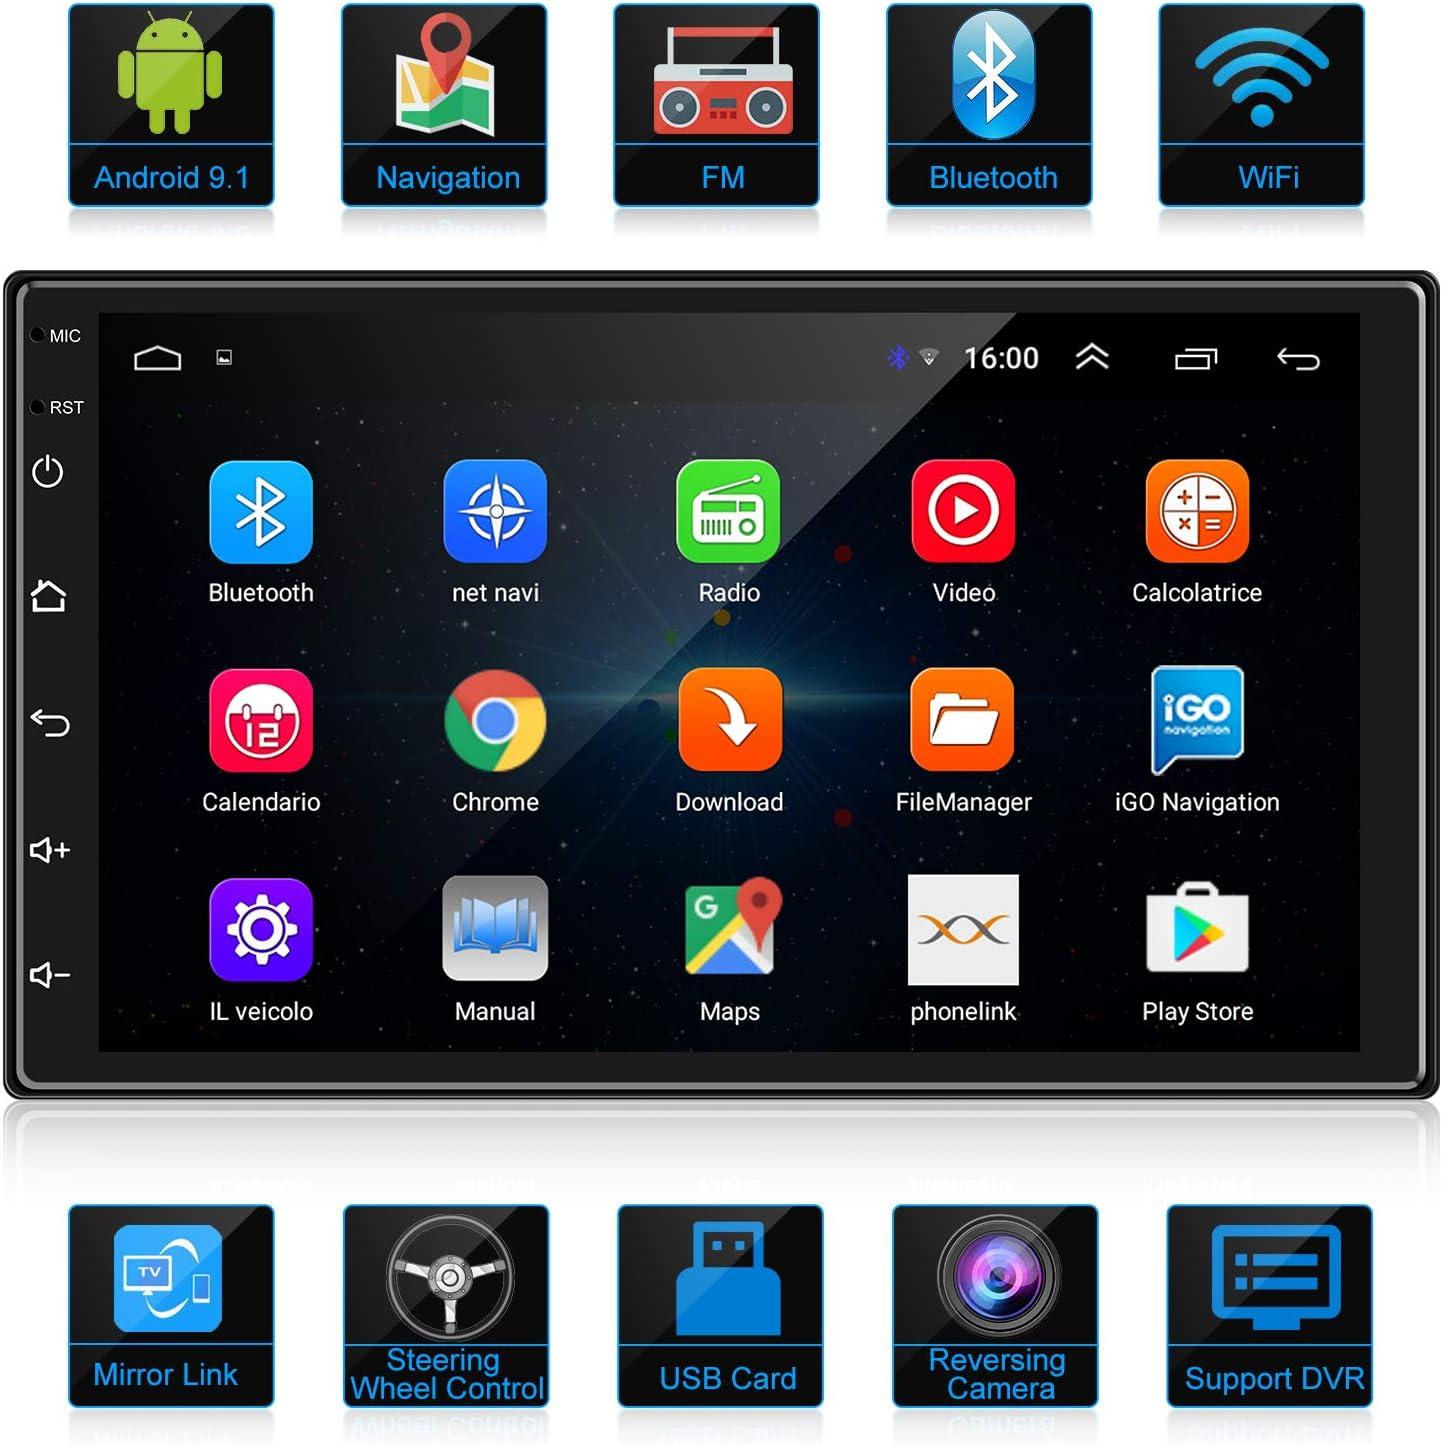 ANKEWAY Android 9.1 Radio de Coche 2 DIN Car Stereo de 7 Pulgadas 1080P HD Pantalla Táctil WiFi y Bluetooth Manos Libres Radio+Navegación GPS+Cámara de Visión Trasera+USB Doble+Reproductor de Internet: Amazon.es: Electrónica